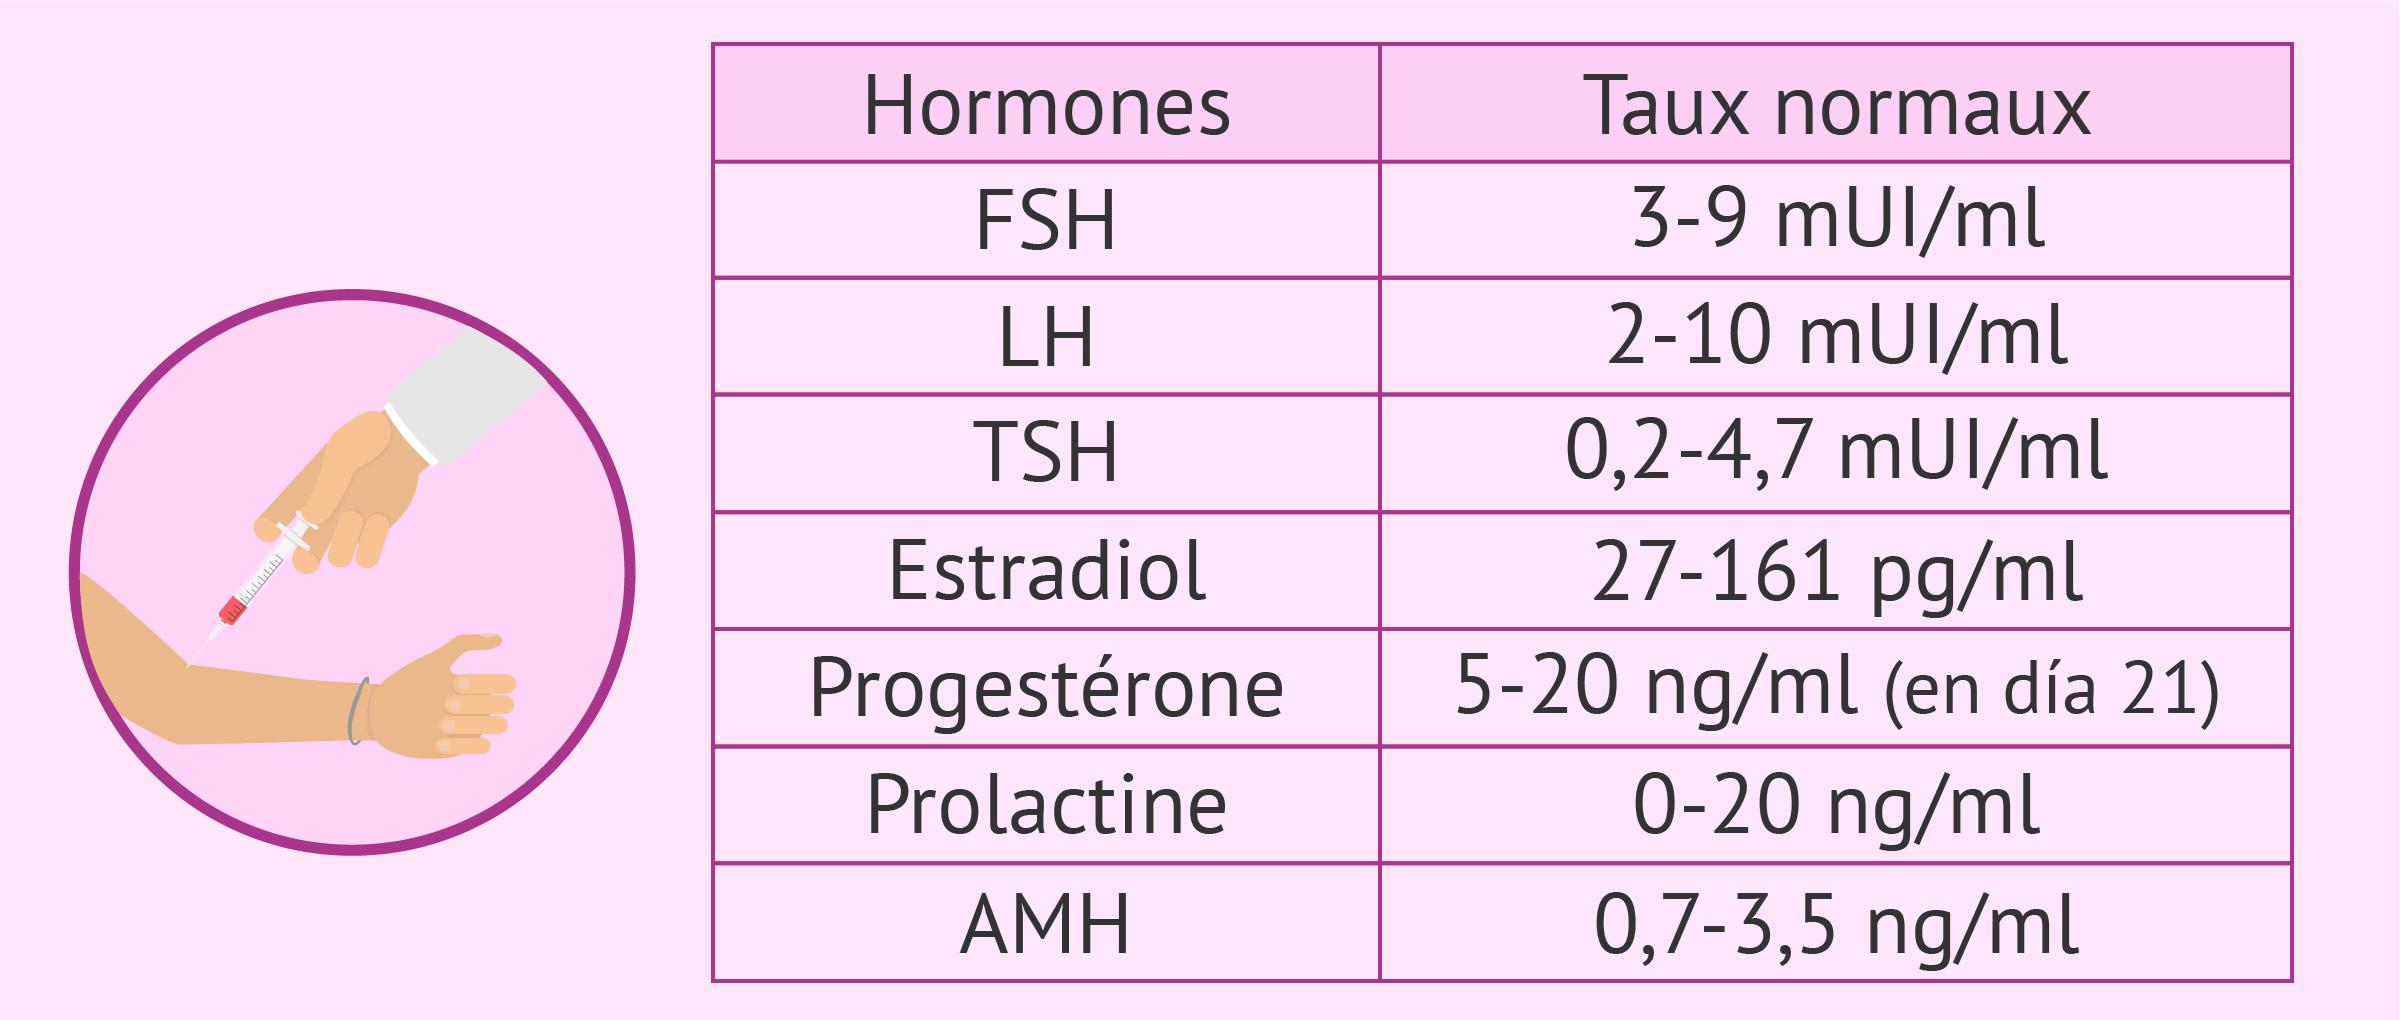 Nouveau bague argent prendre de la progesterone pendant la grossesse bague argent - Fausse couche et test de grossesse ...